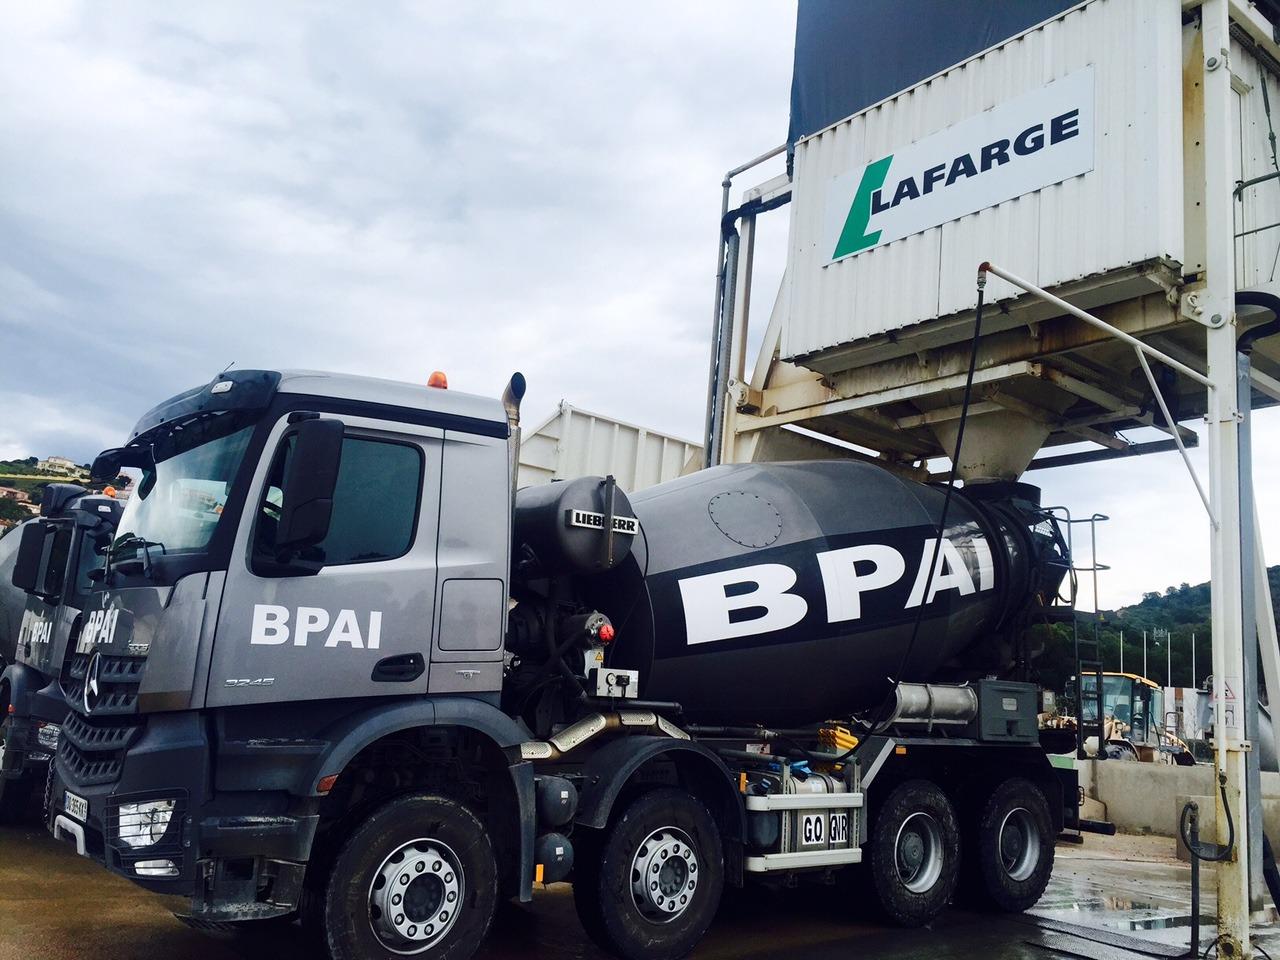 centrale à béton camion toupie camion malaxeur ou bétonnière BPAI partenaire Lafarge spécialiste du béton prêt à l'emploi, pour professionnels et particuliers projets de constructions, d'aménagements et de rénovations habitat.